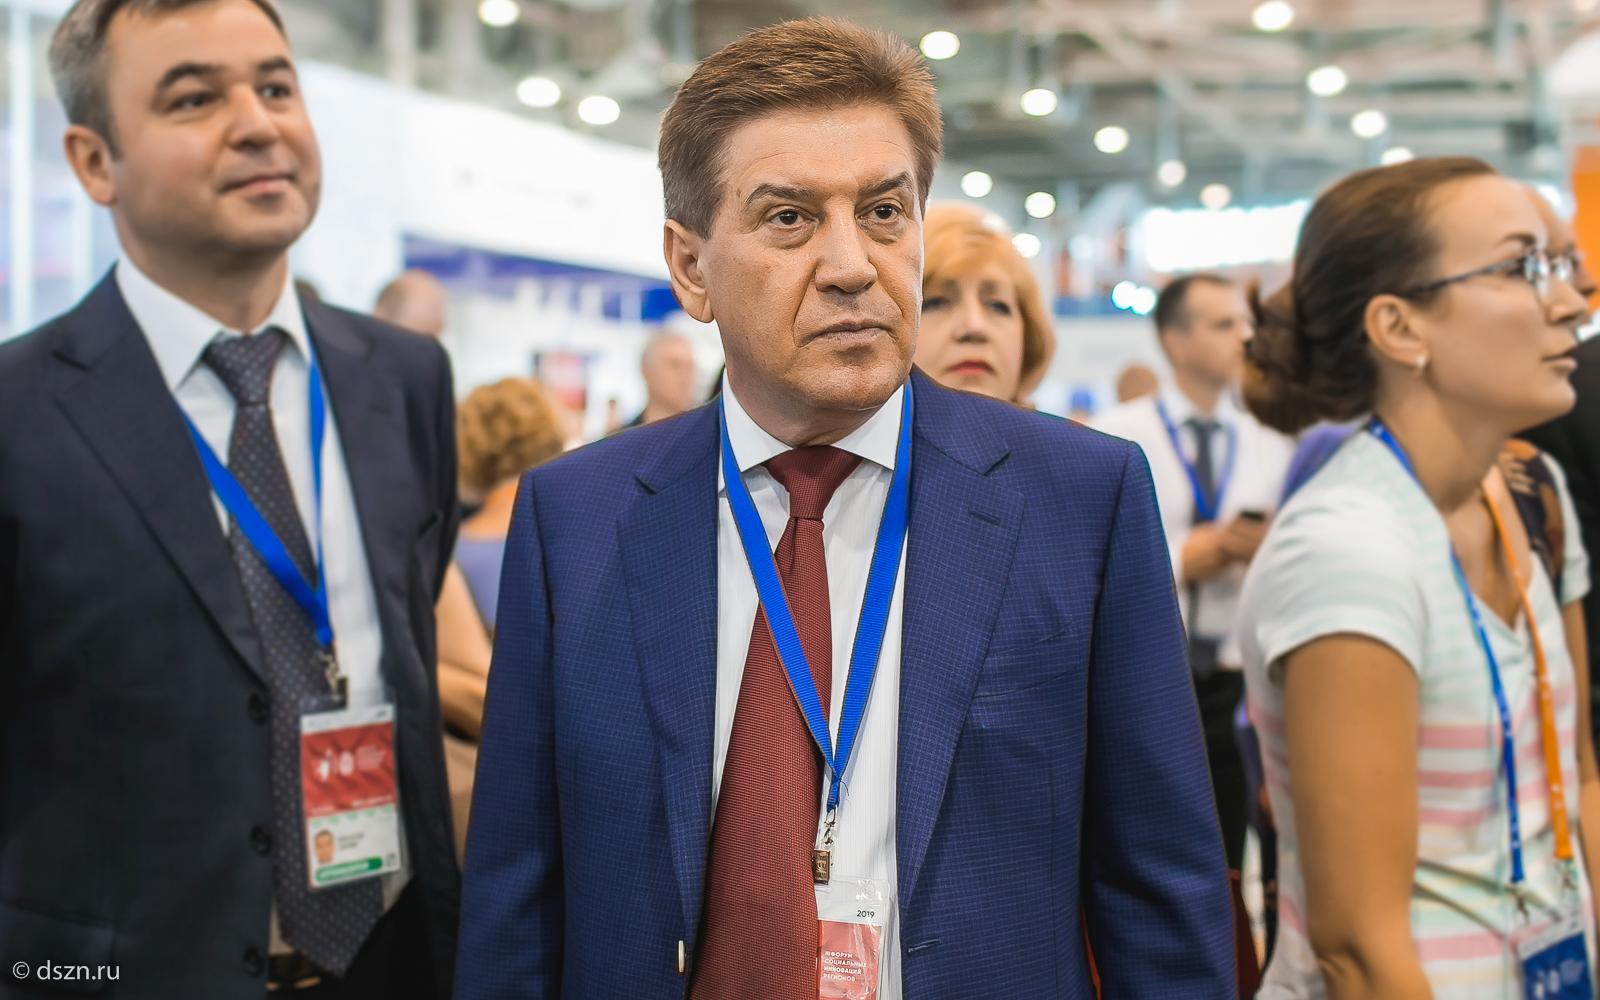 Владимир Петросян — руководитель столичного Департамента труда и социальной защиты населения